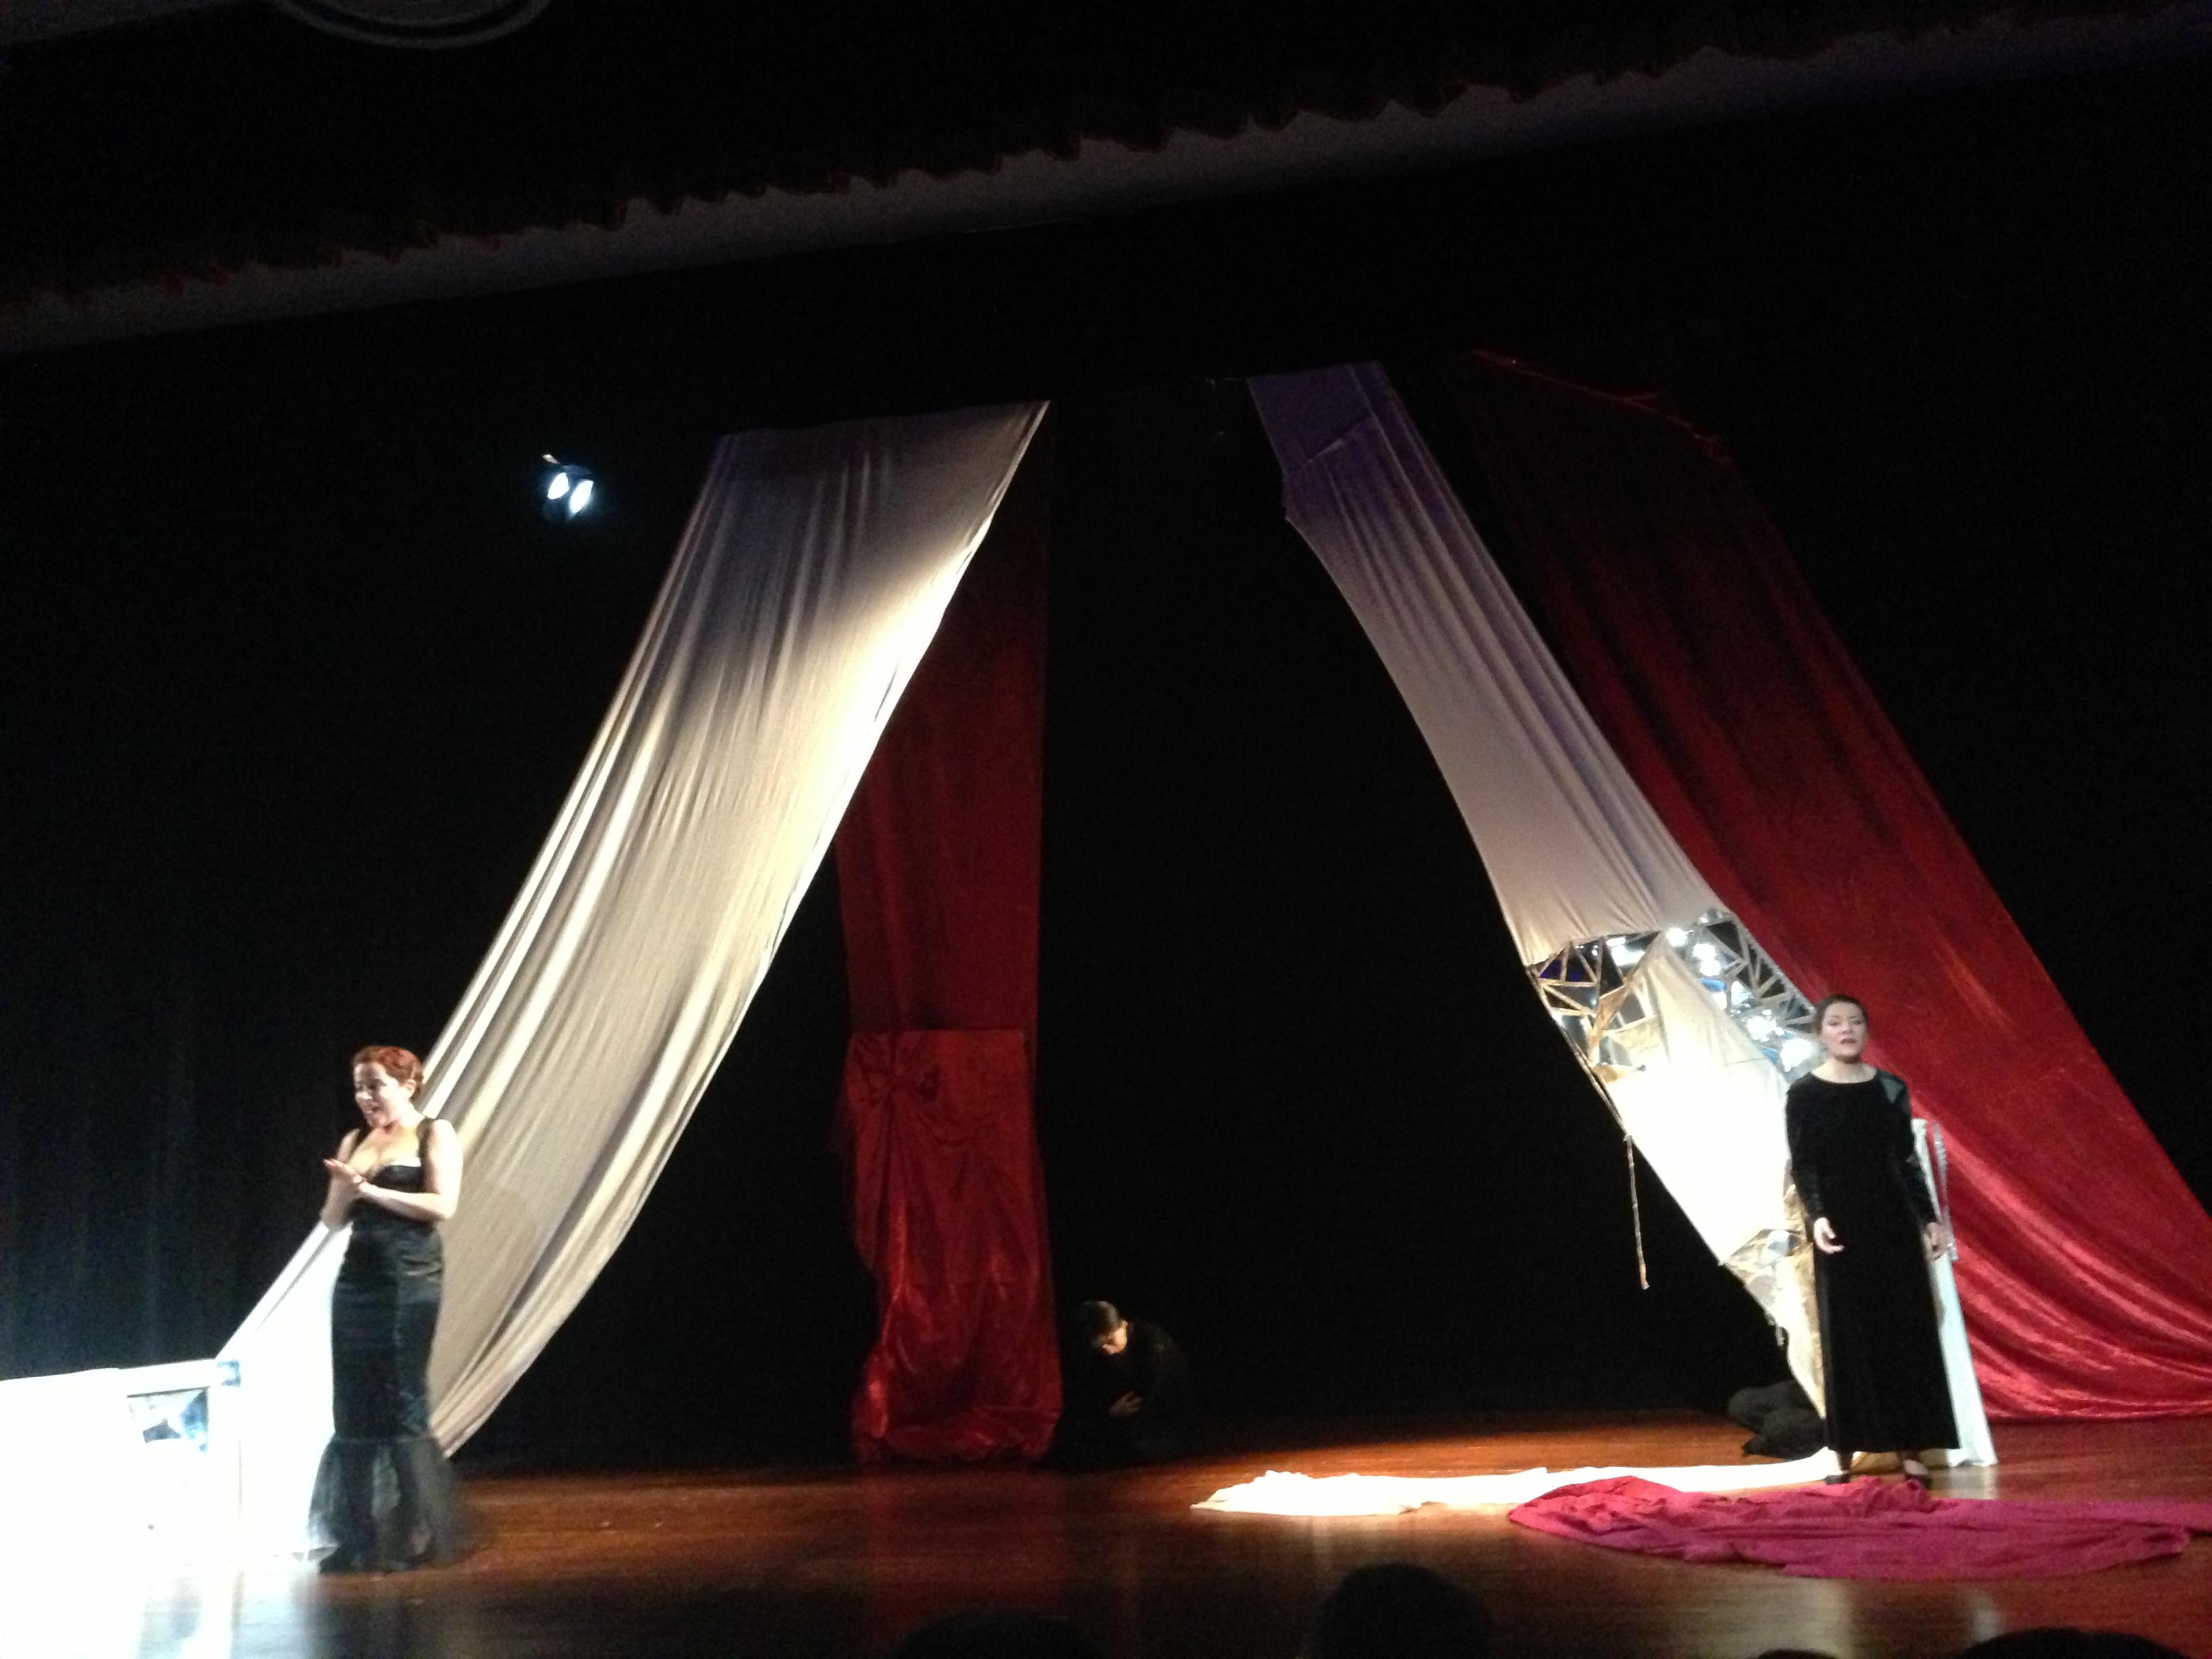 Chiara gp opera in corso 2 donne allo specchio - Ragazze nude allo specchio ...